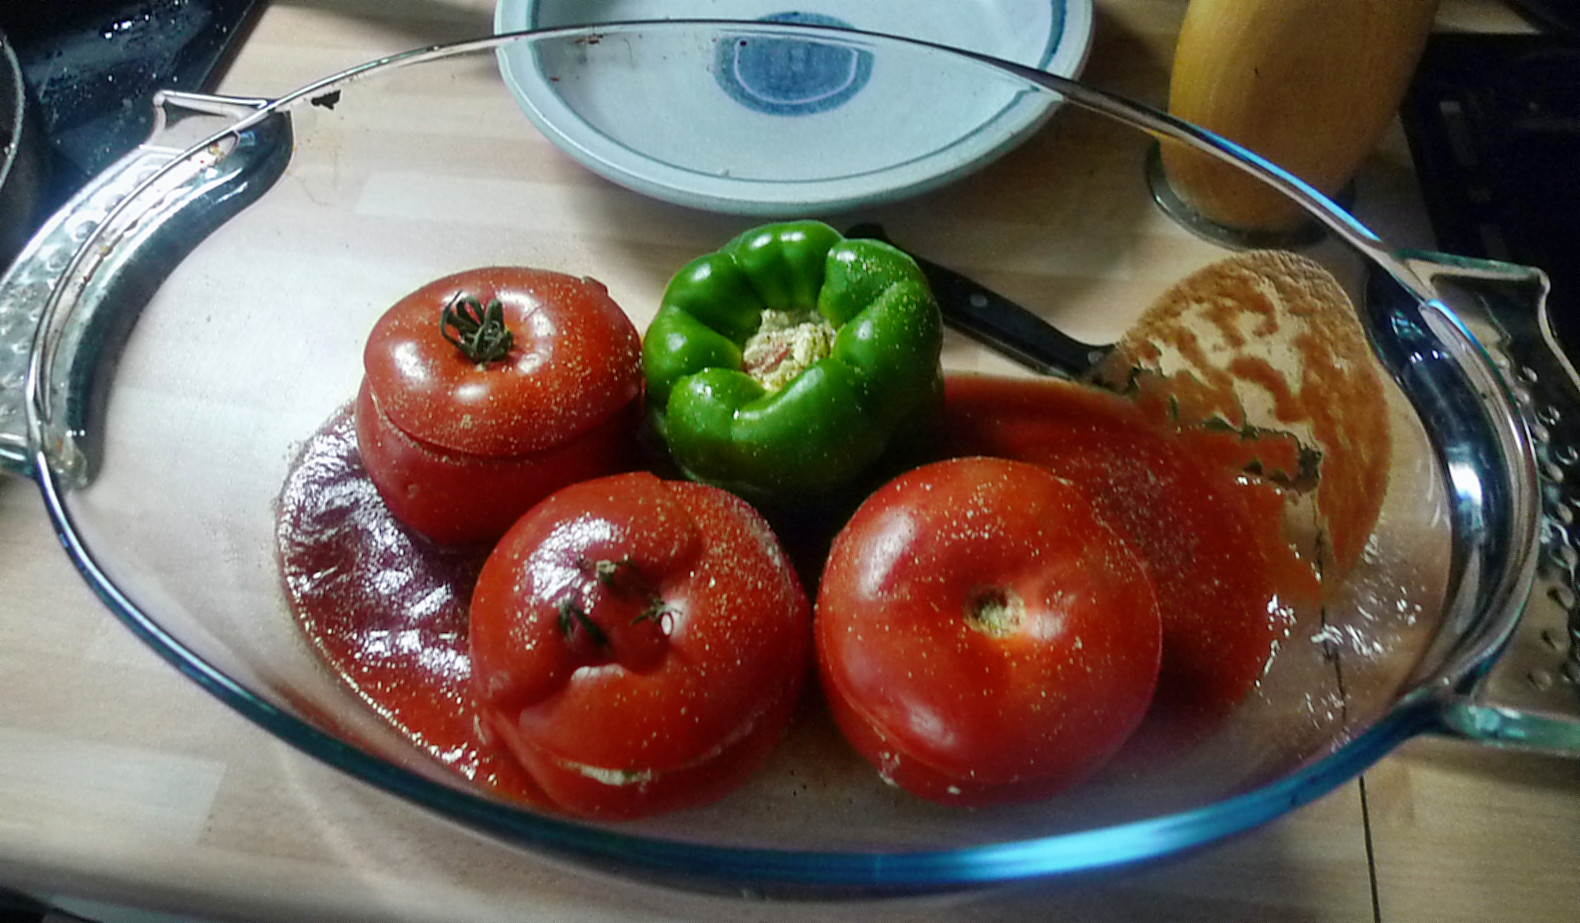 Gefüllte Tomaten,Gurkengemüse,Champignon,Zucchini,Reis-24.7.14   (7)